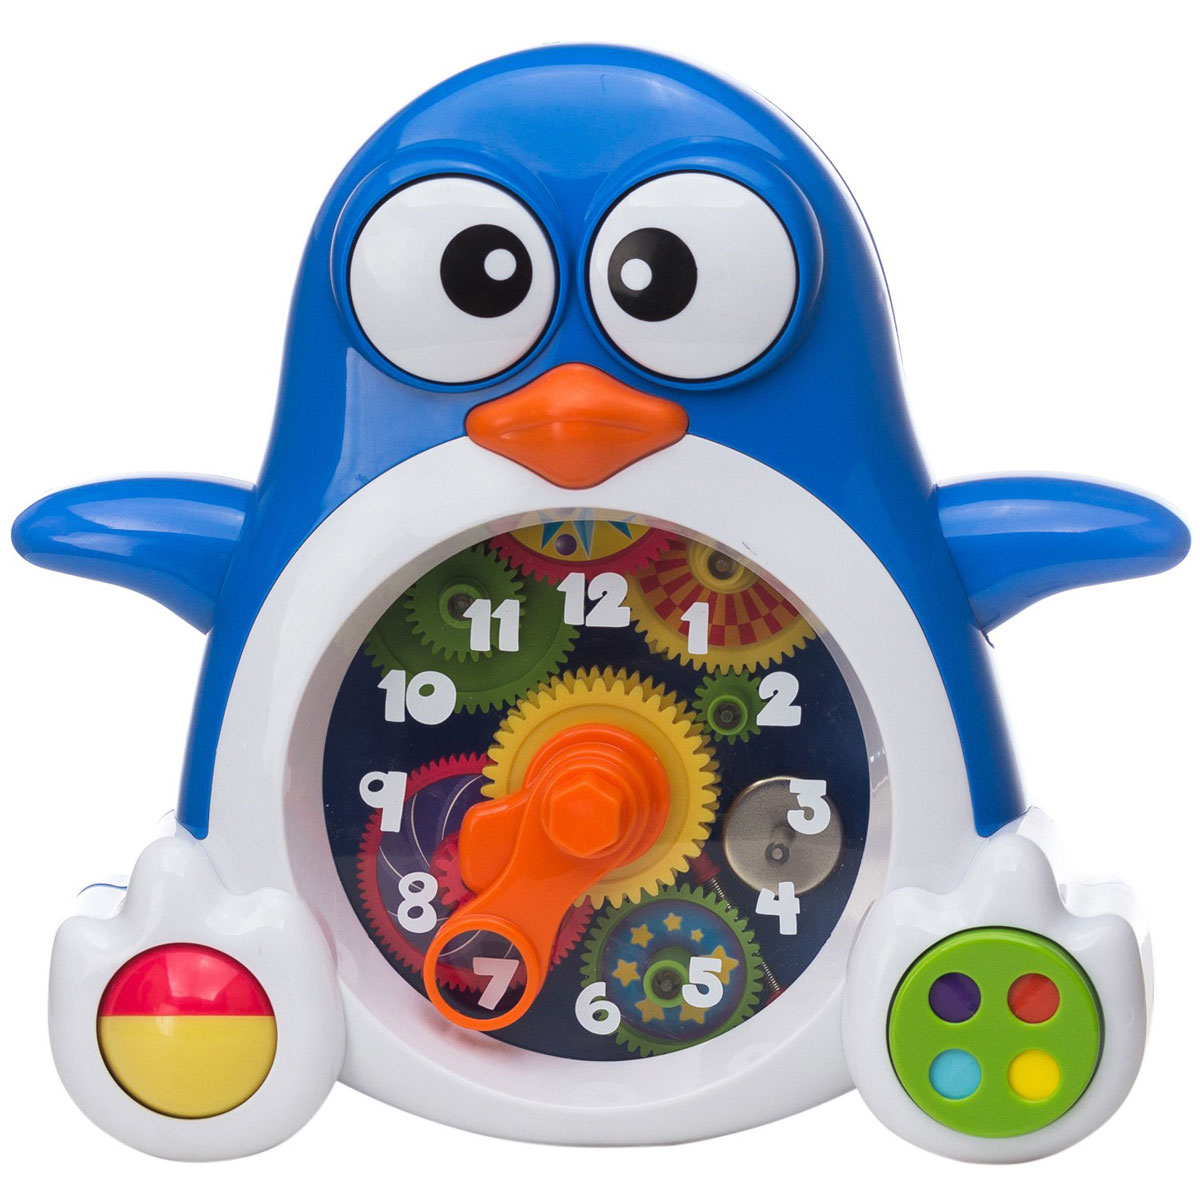 Keenway Развивающая игрушка Пингвиненок-часы